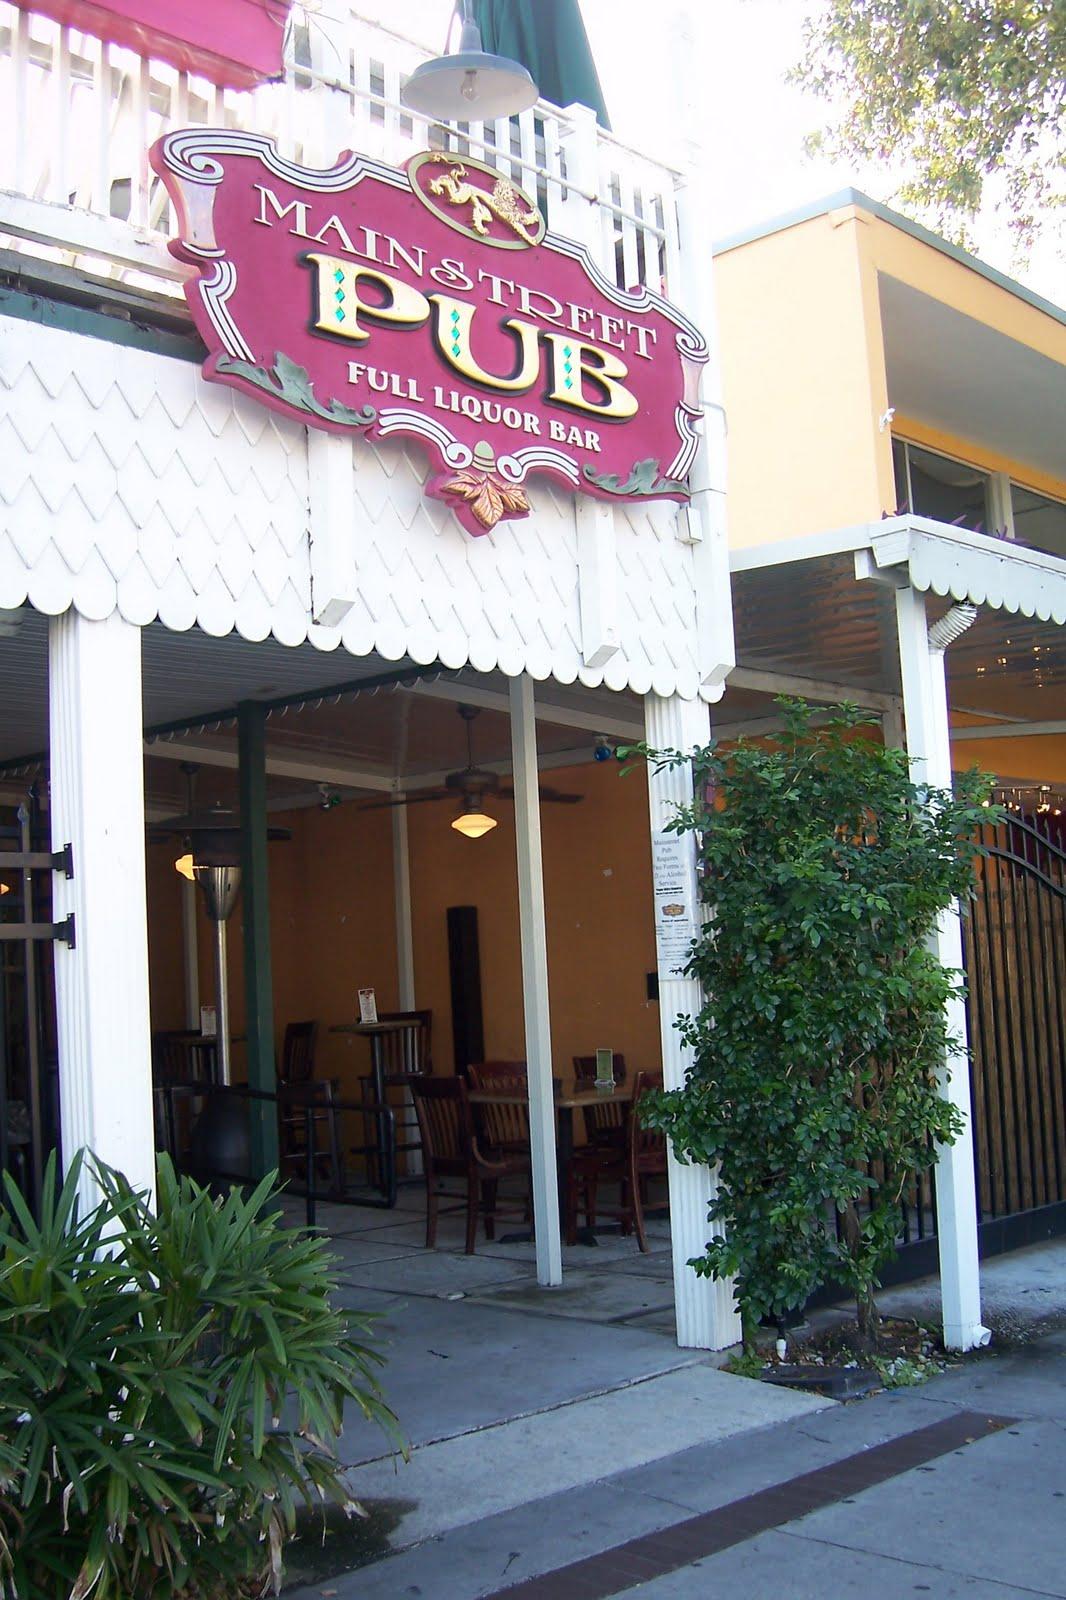 Taditional Tropical Home: Melbourne, Florida has a ...